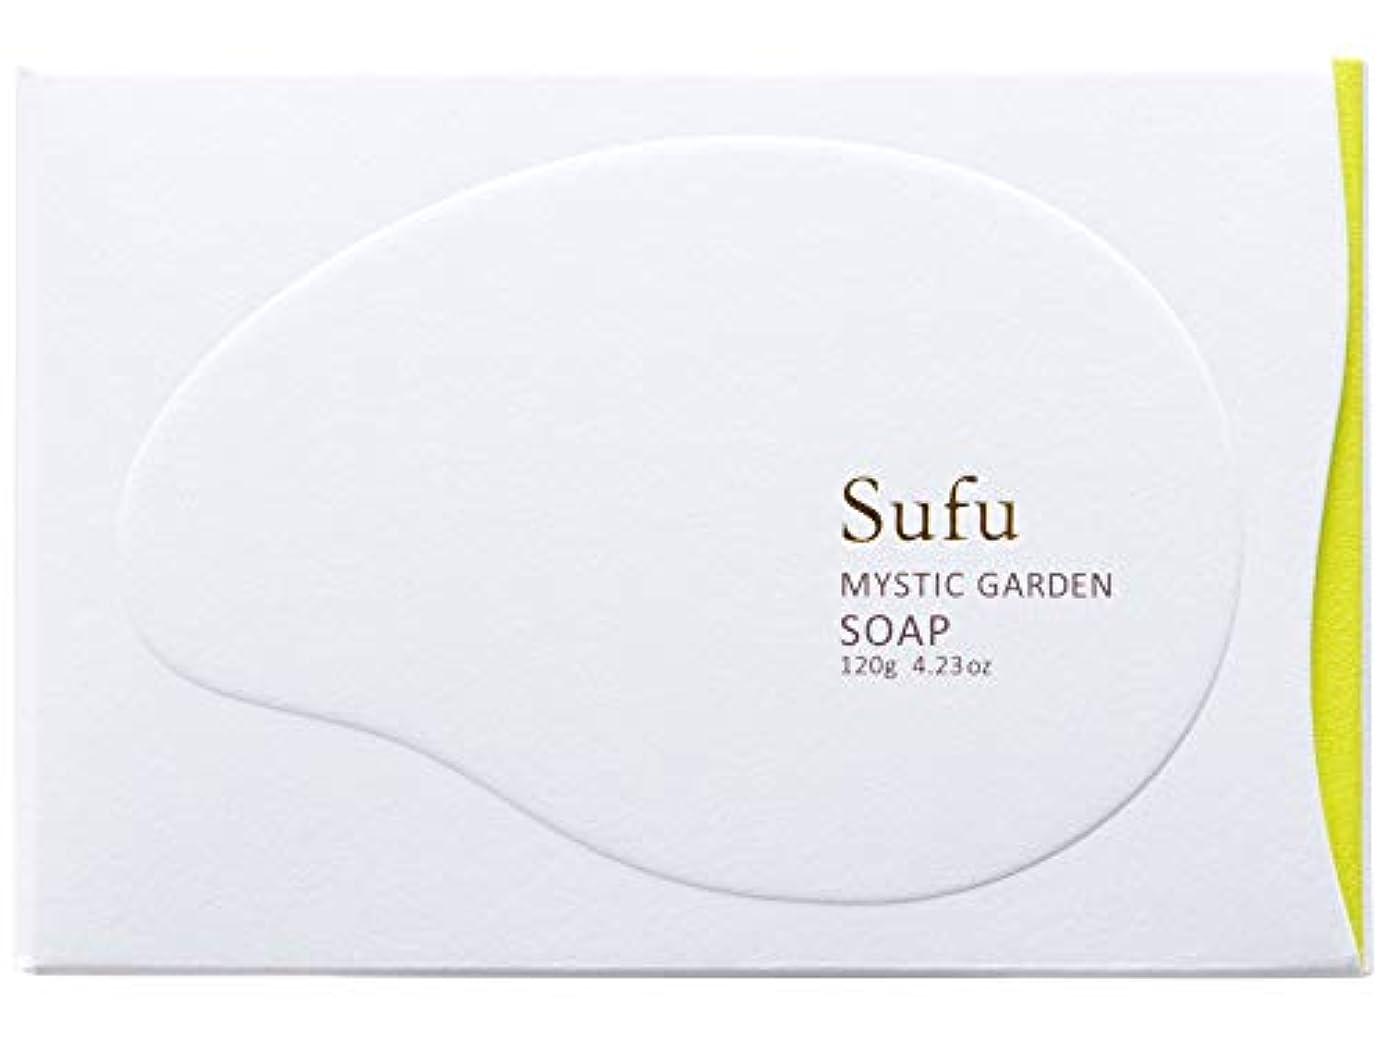 ご予約レールリードペリカン石鹸 Sufu ソープ ミスティックガーデン 120g